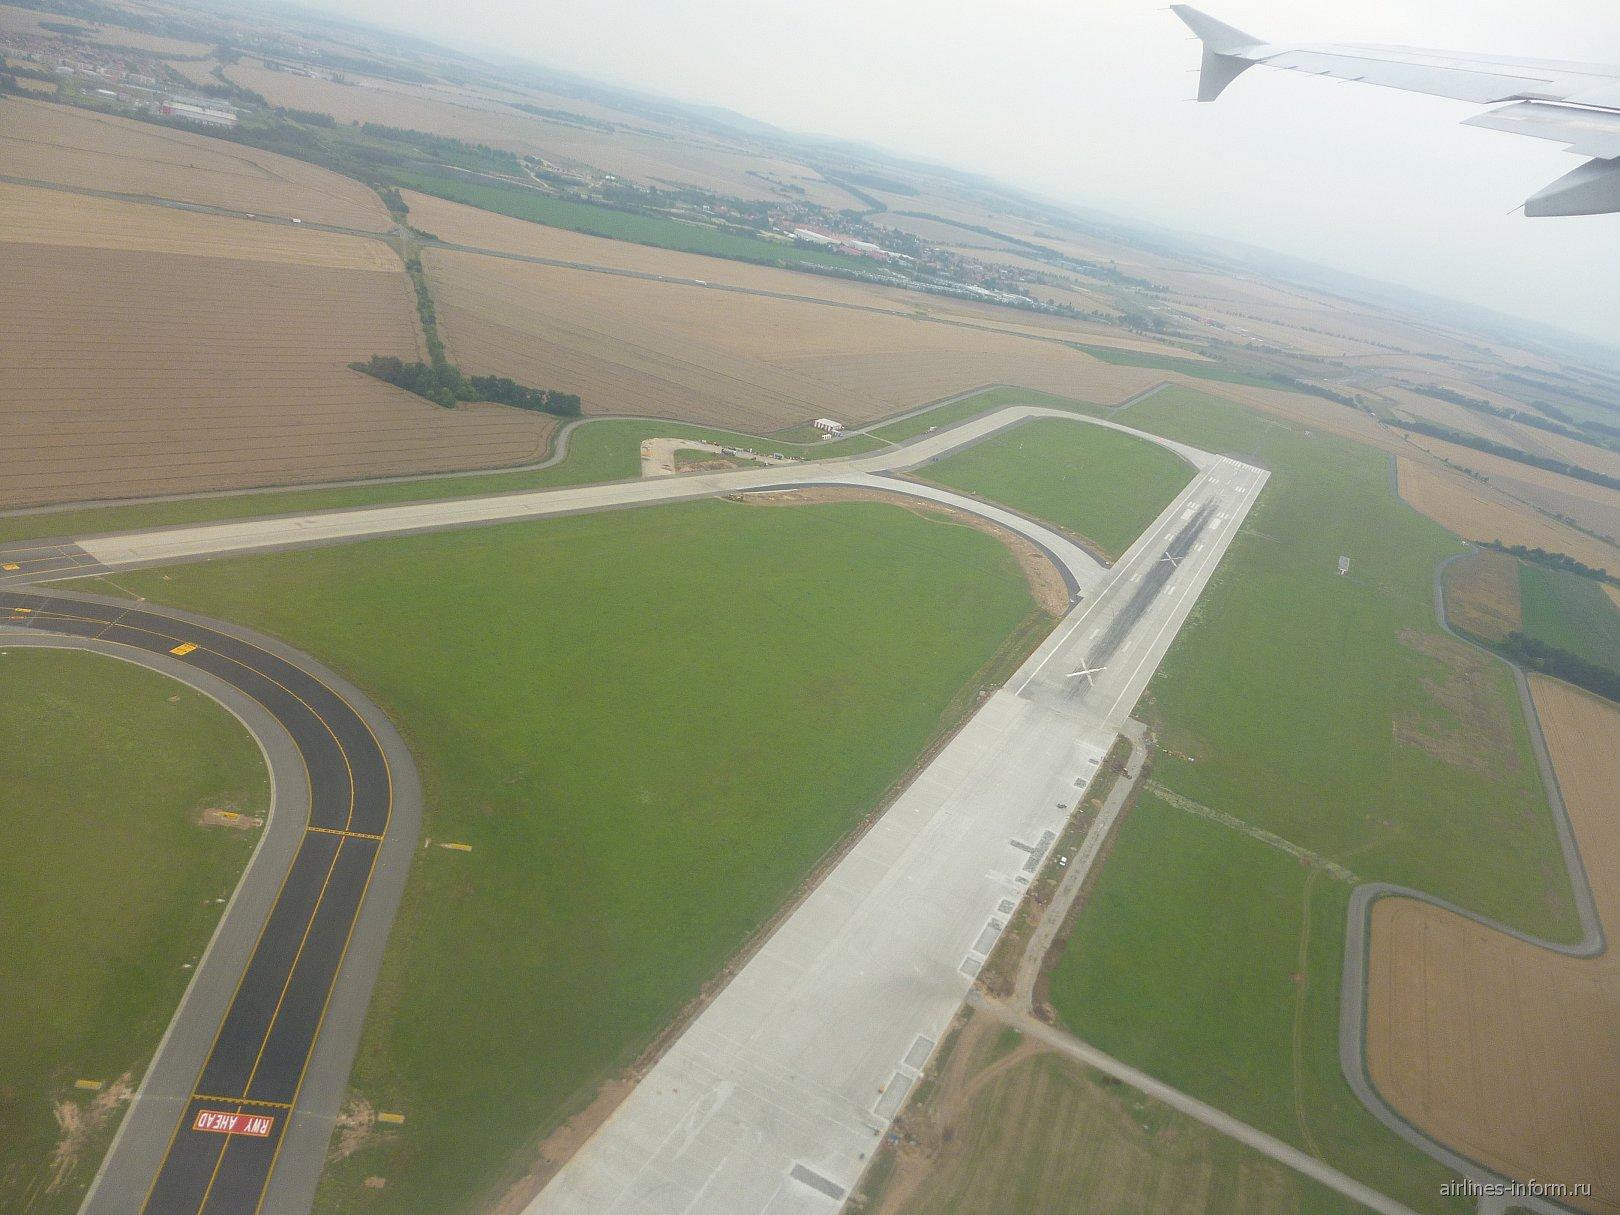 Взлет над второй ВПП аэропорта Праги